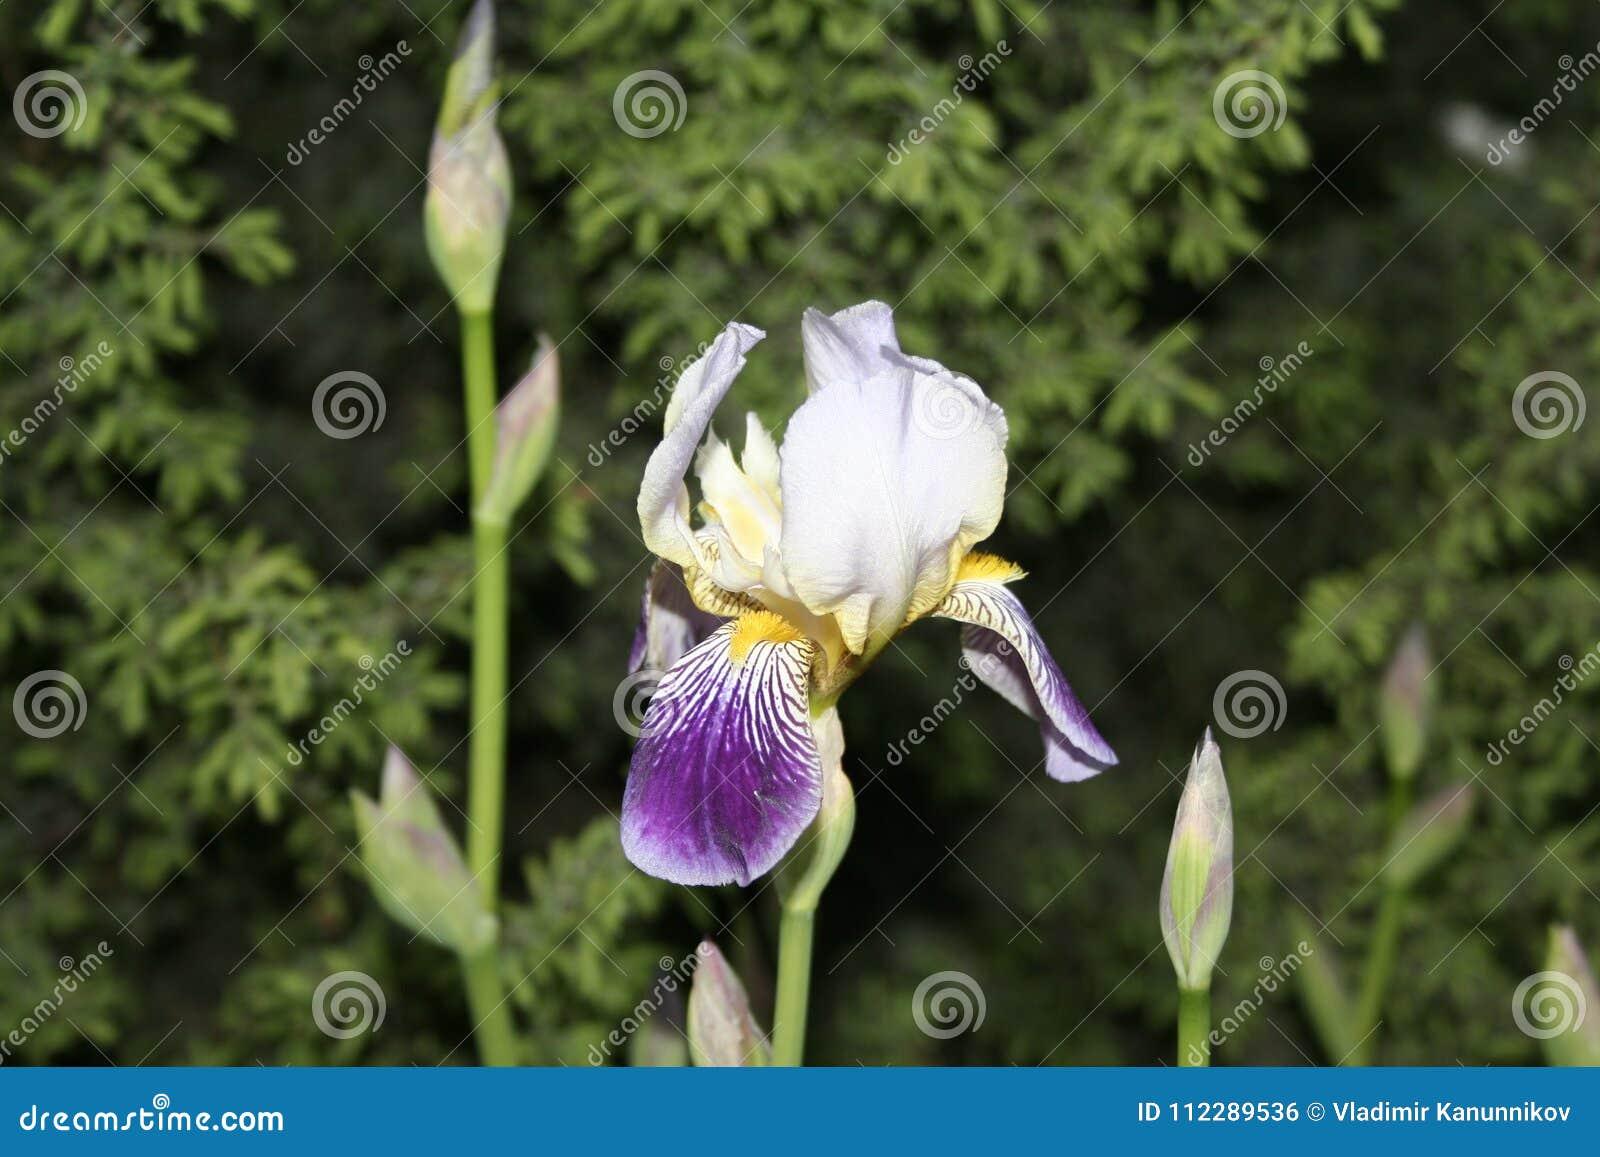 Irise w parku